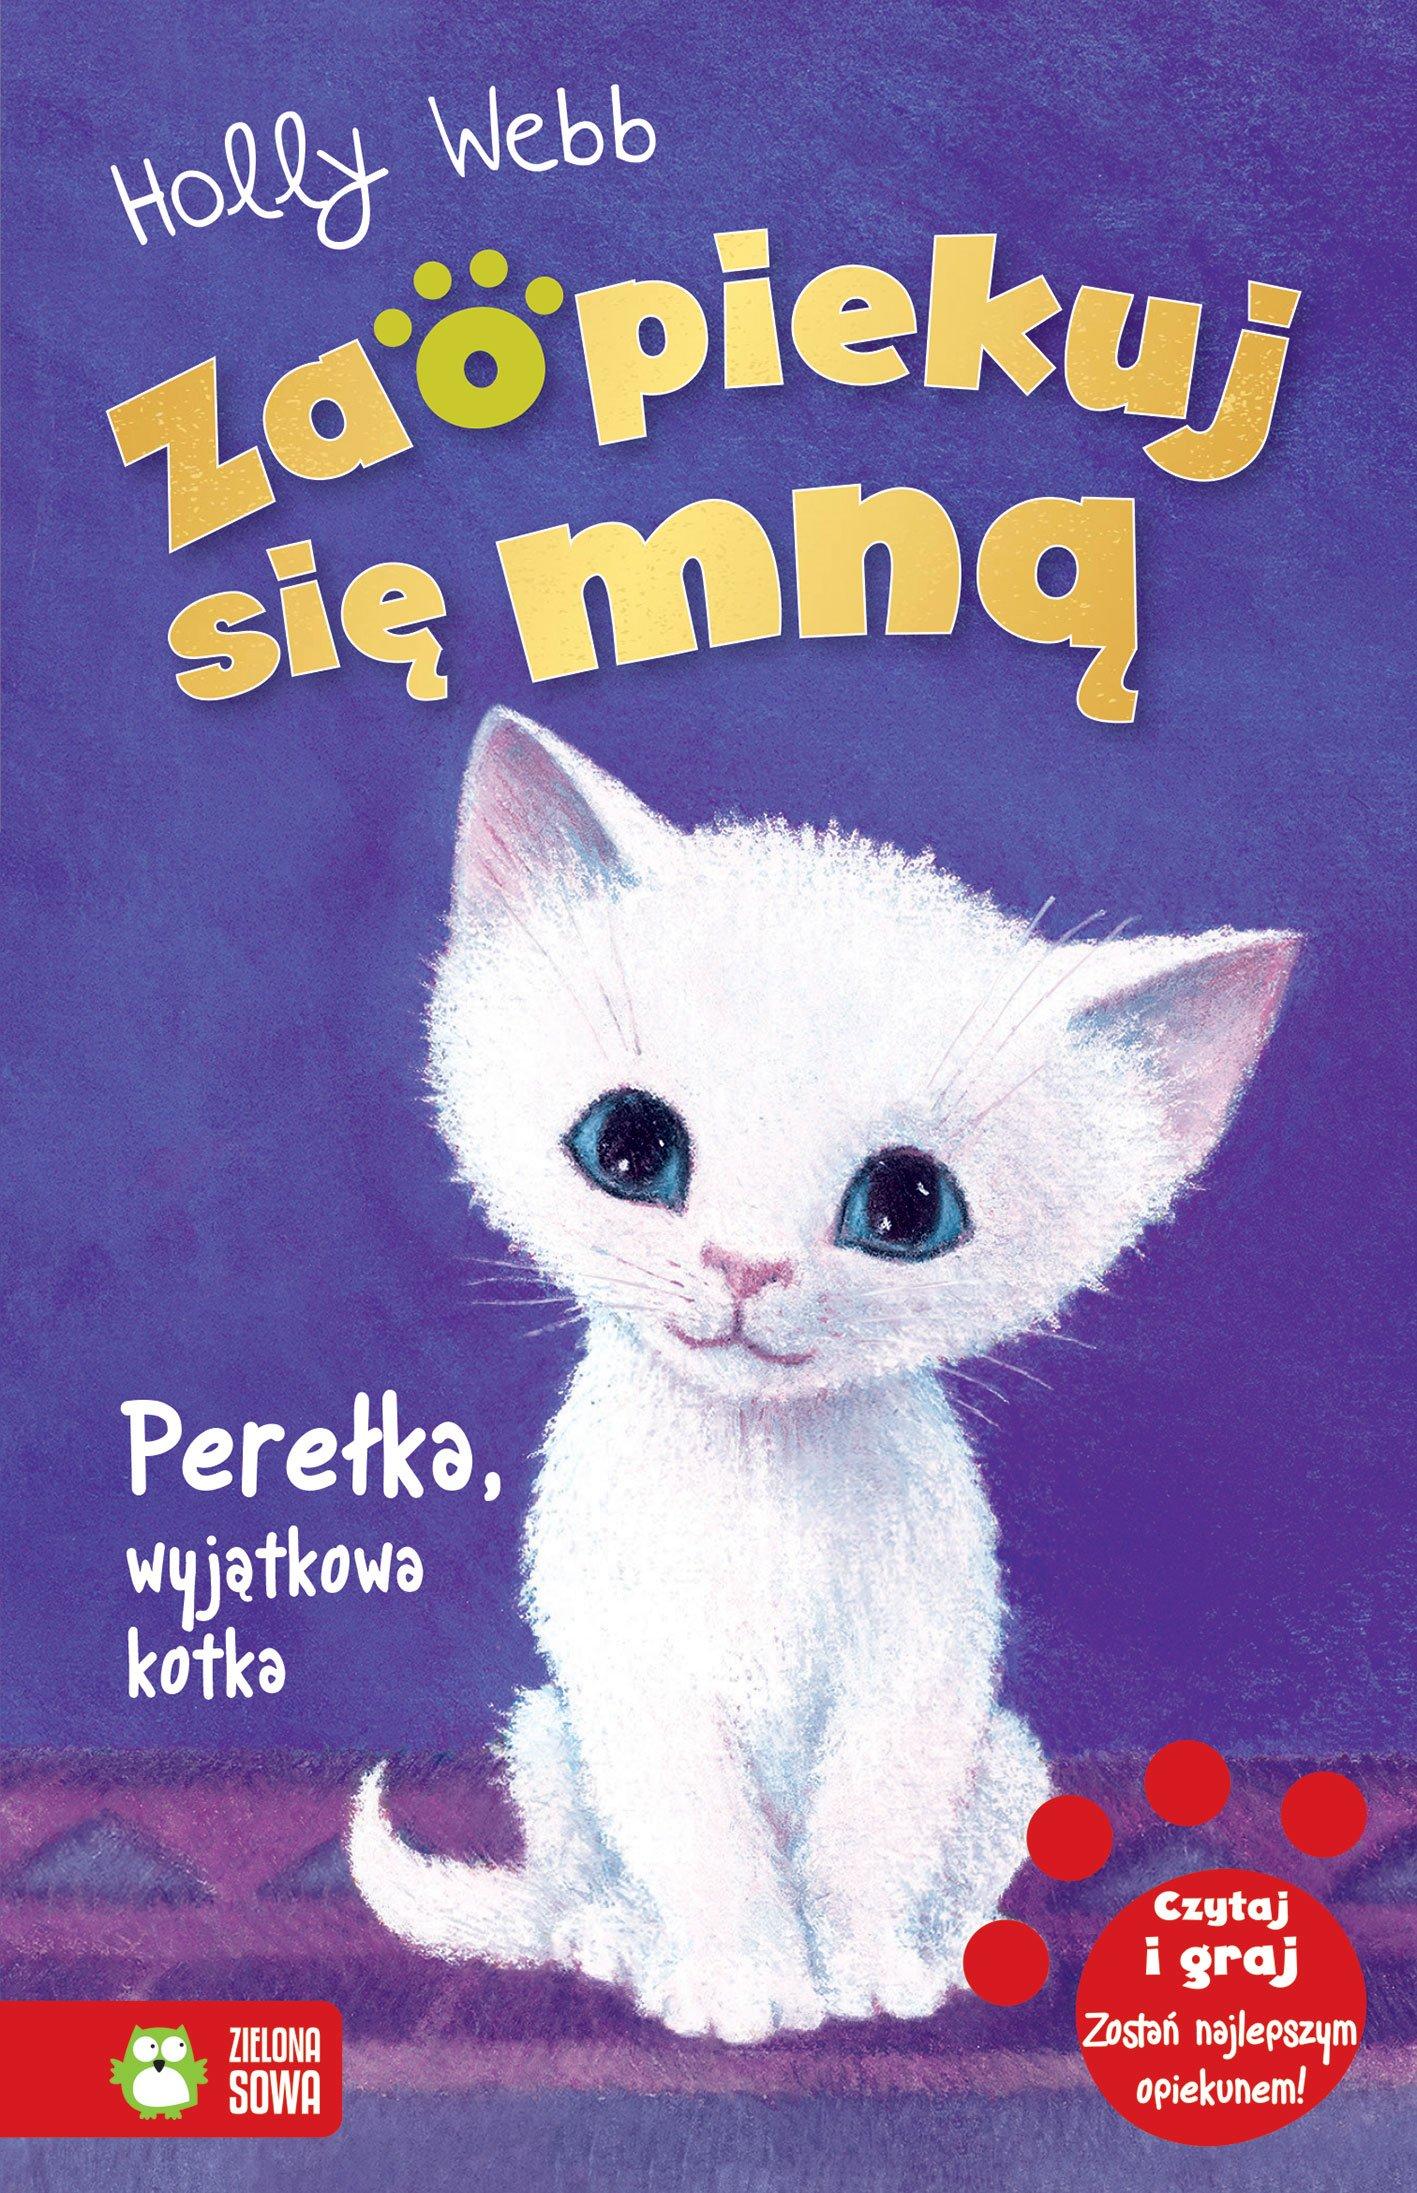 Zaopiekuj się mną. Perełka, wyjątkowa kotka - kolejny tom bestsellerowej serii